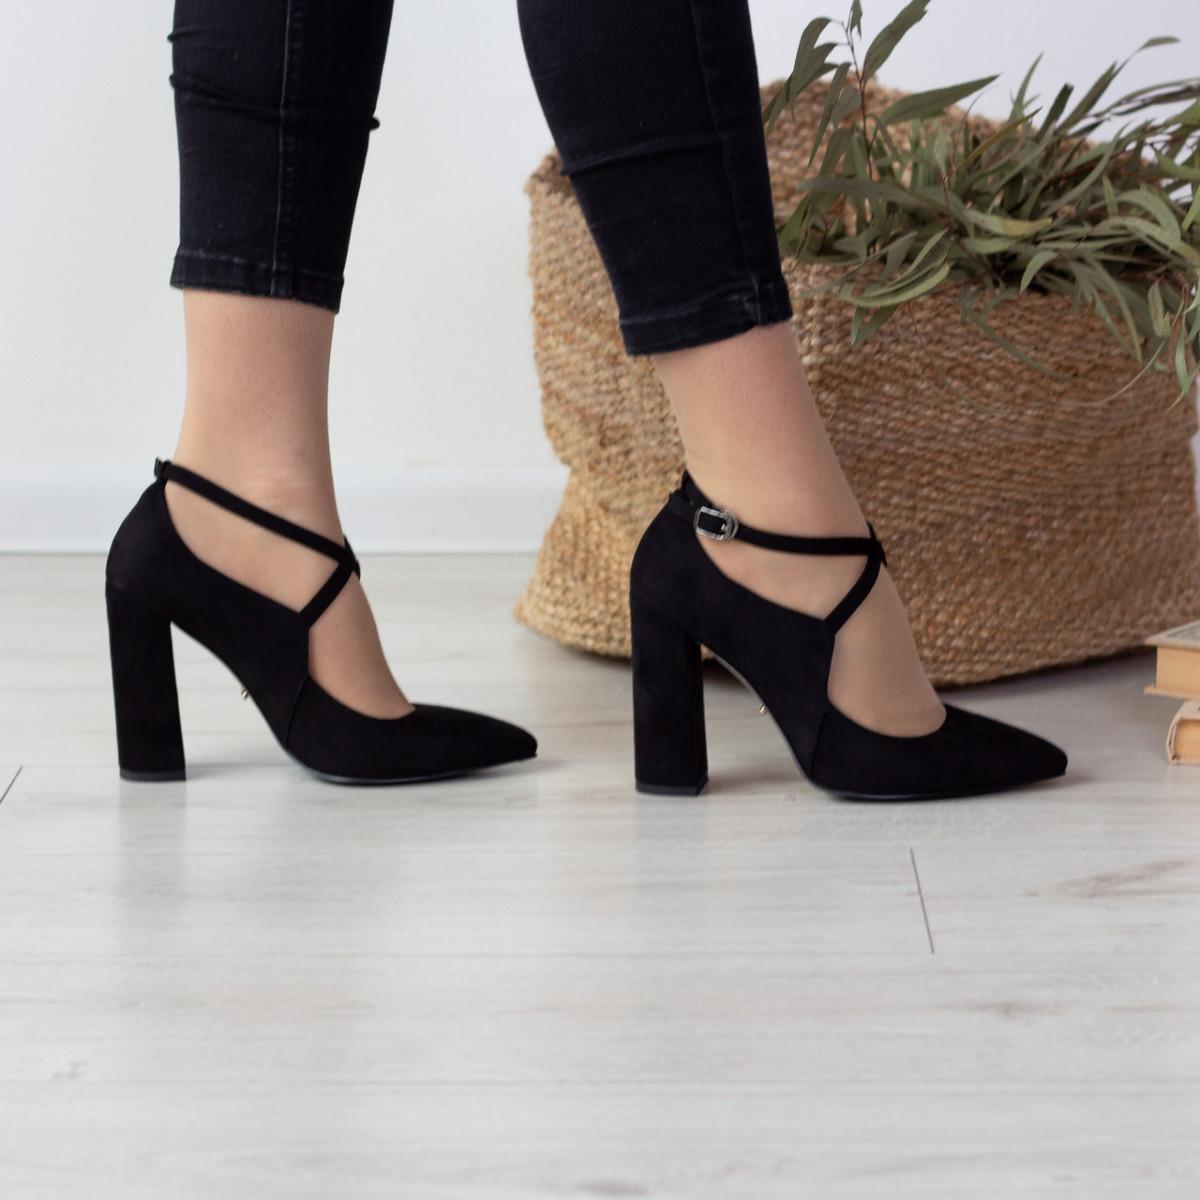 Туфлі жіночі Fashion Chumley 2555 35 розмір, 23 см Чорний